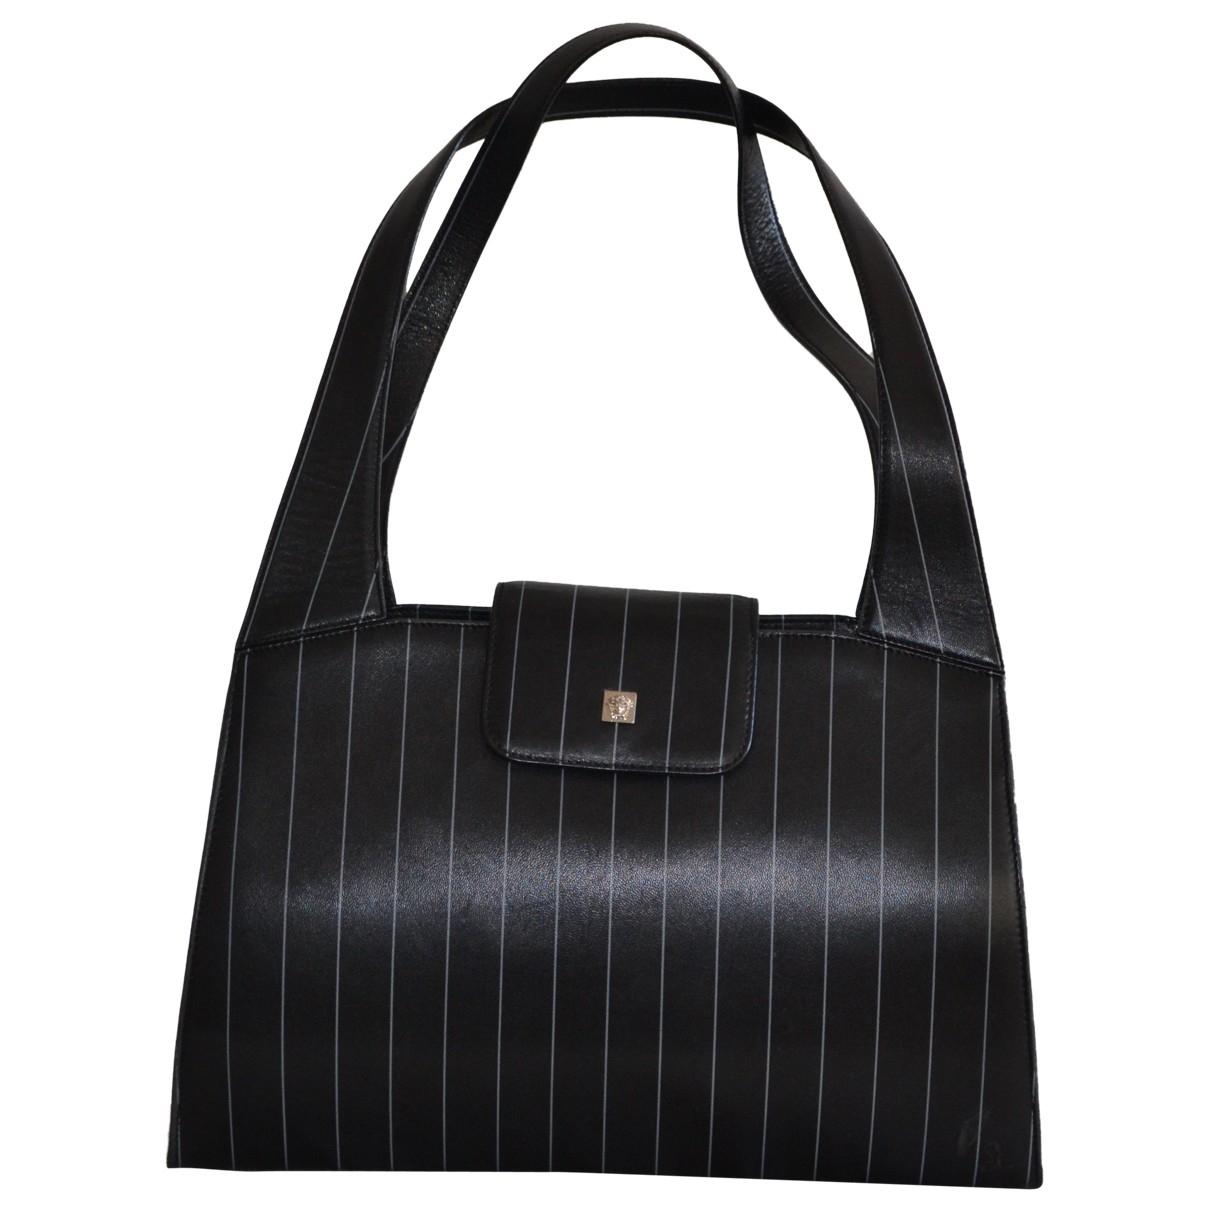 Gianni Versace - Sac a main   pour femme en cuir - noir